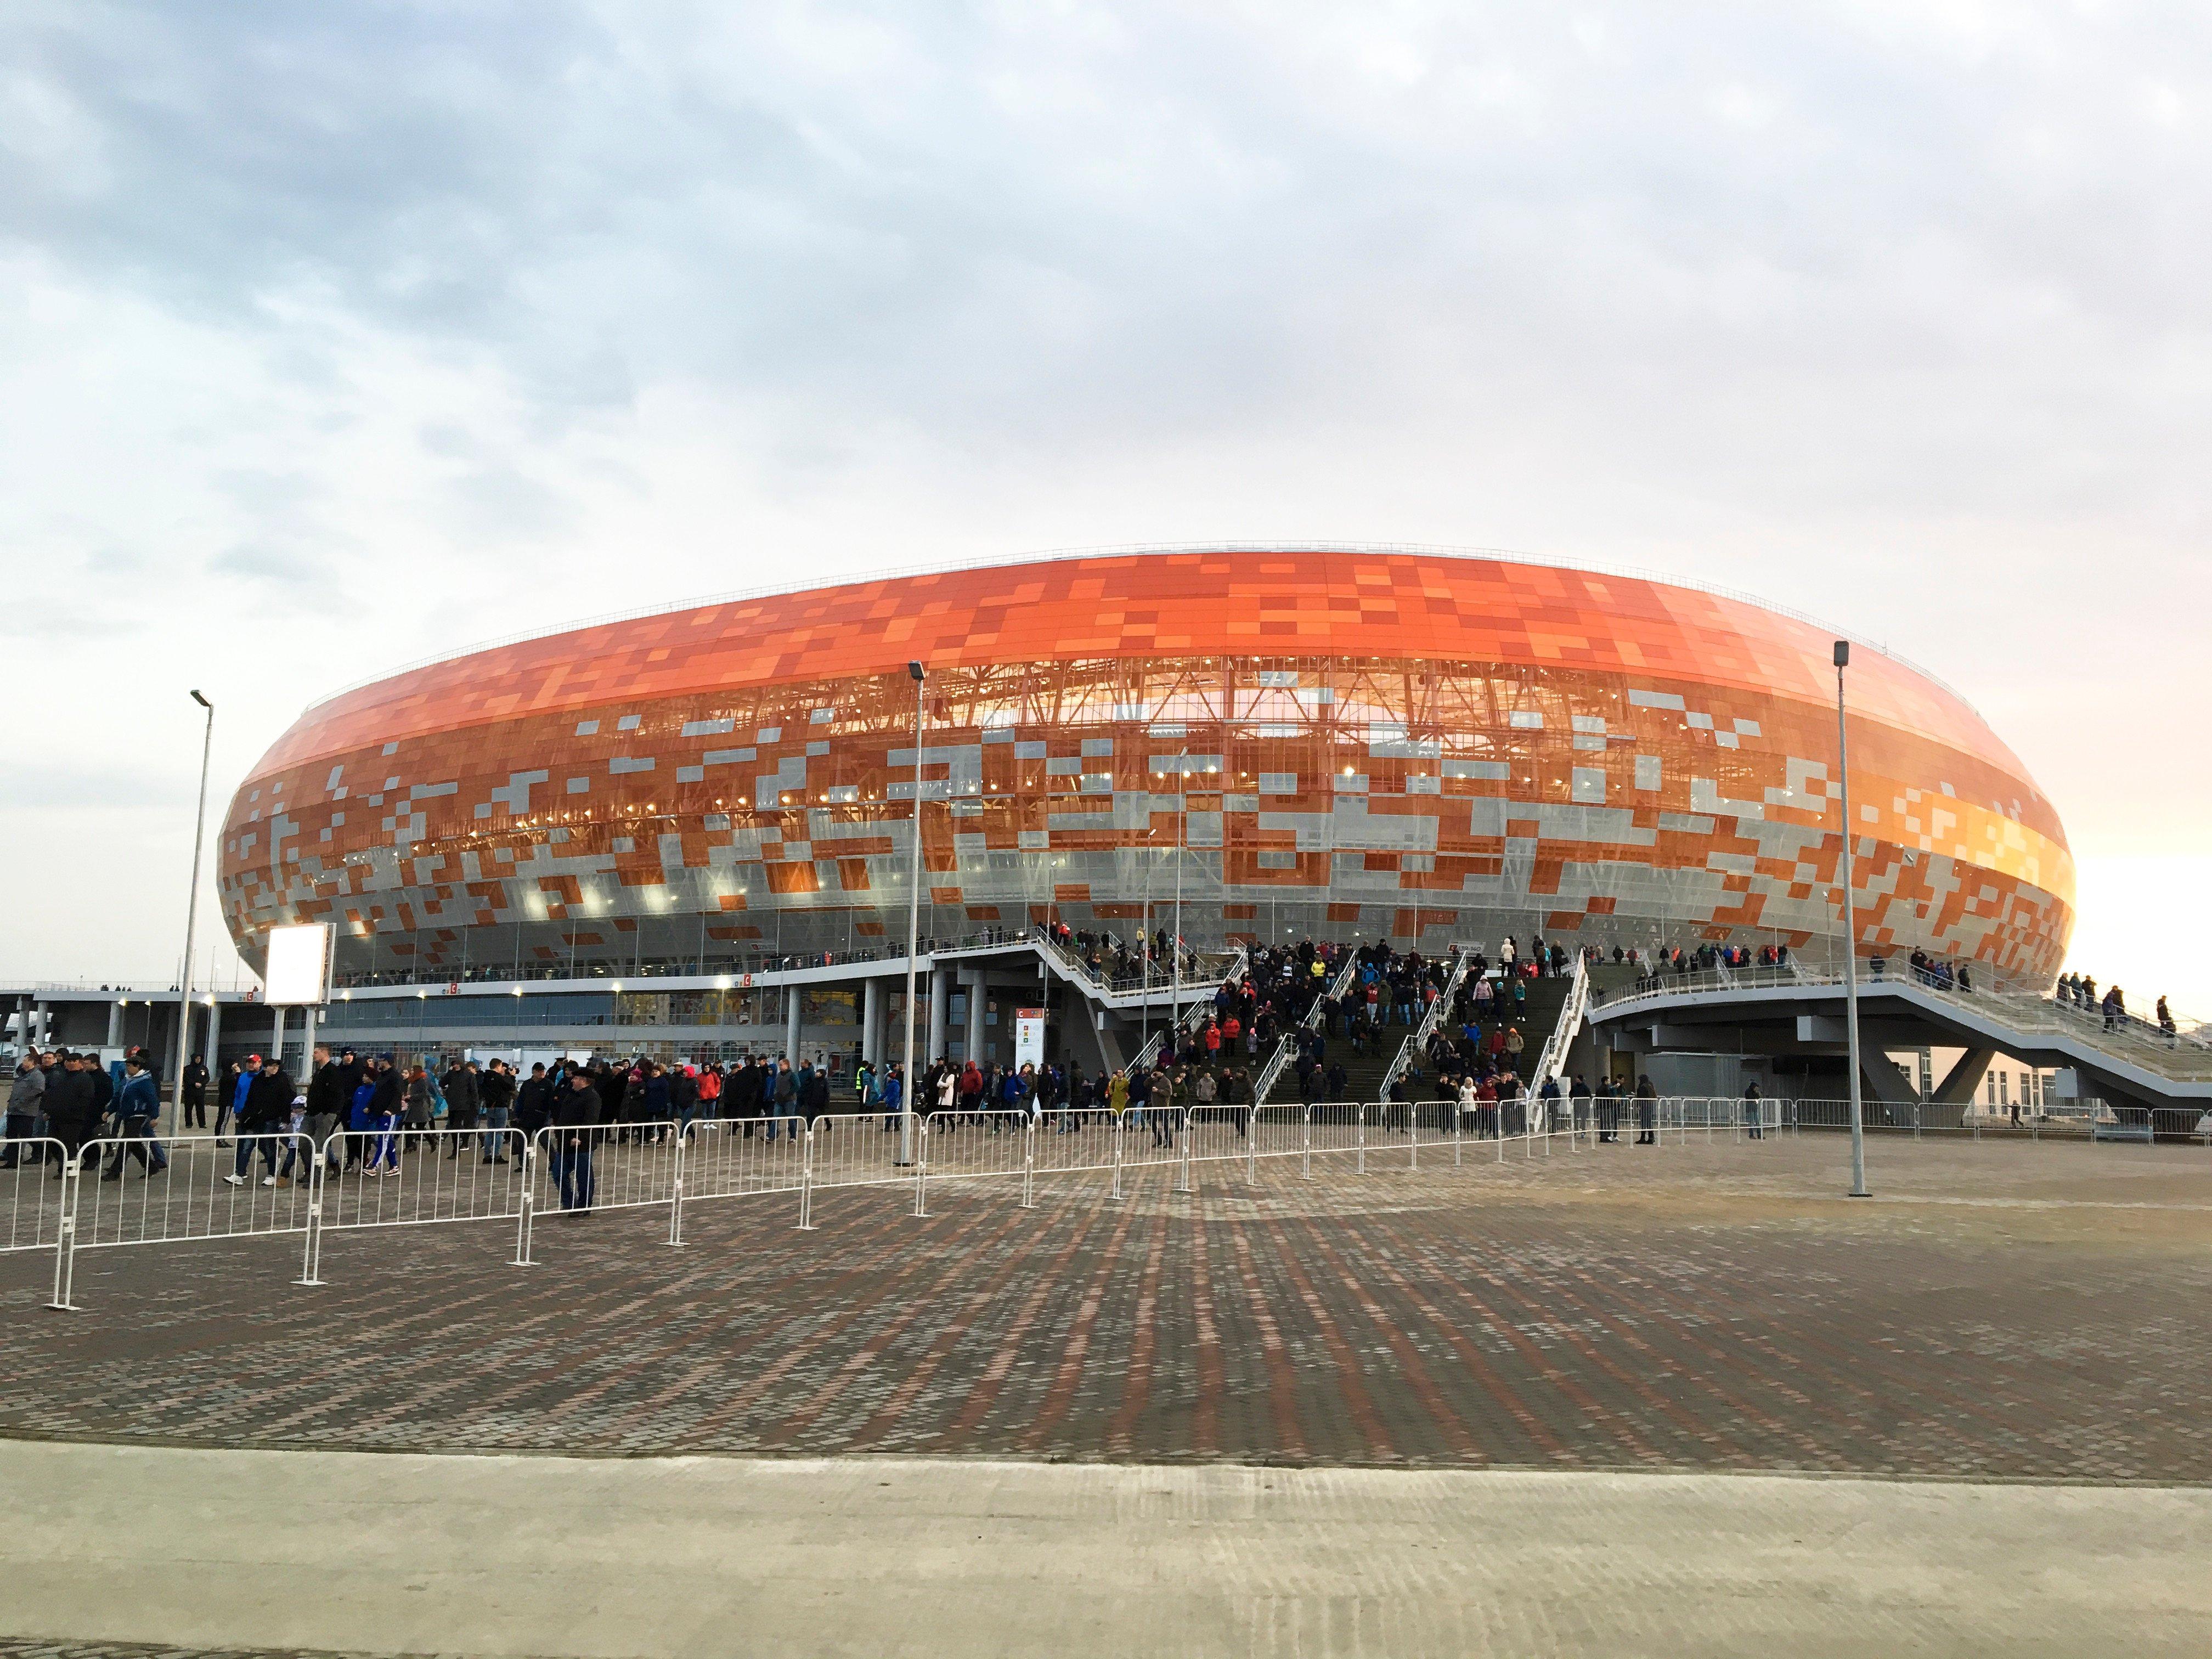 Вместимость арены - 45 000 человек, при этом практически половина трибун представляет собой разборную конструкцию, что позволит после ЧМ-2018 оставить на стадионе 30 000 зрительских мест, а вместо этих трибун соорудить помещения для занятий фитнесом,